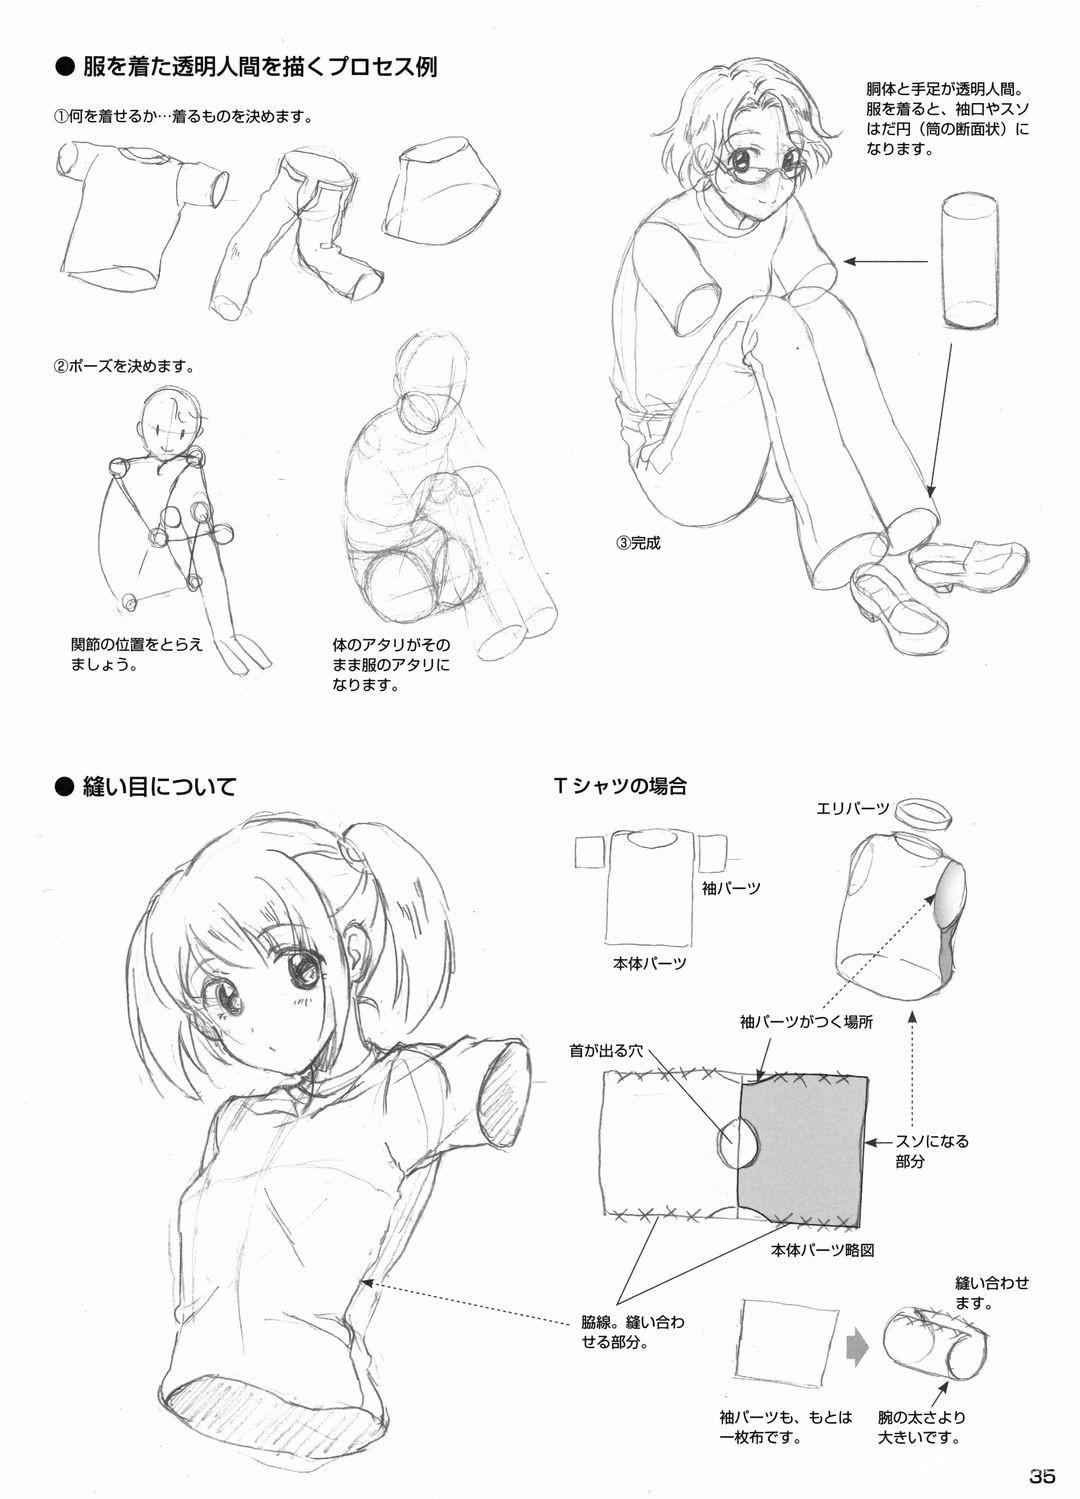 服装篇 (2).jpg